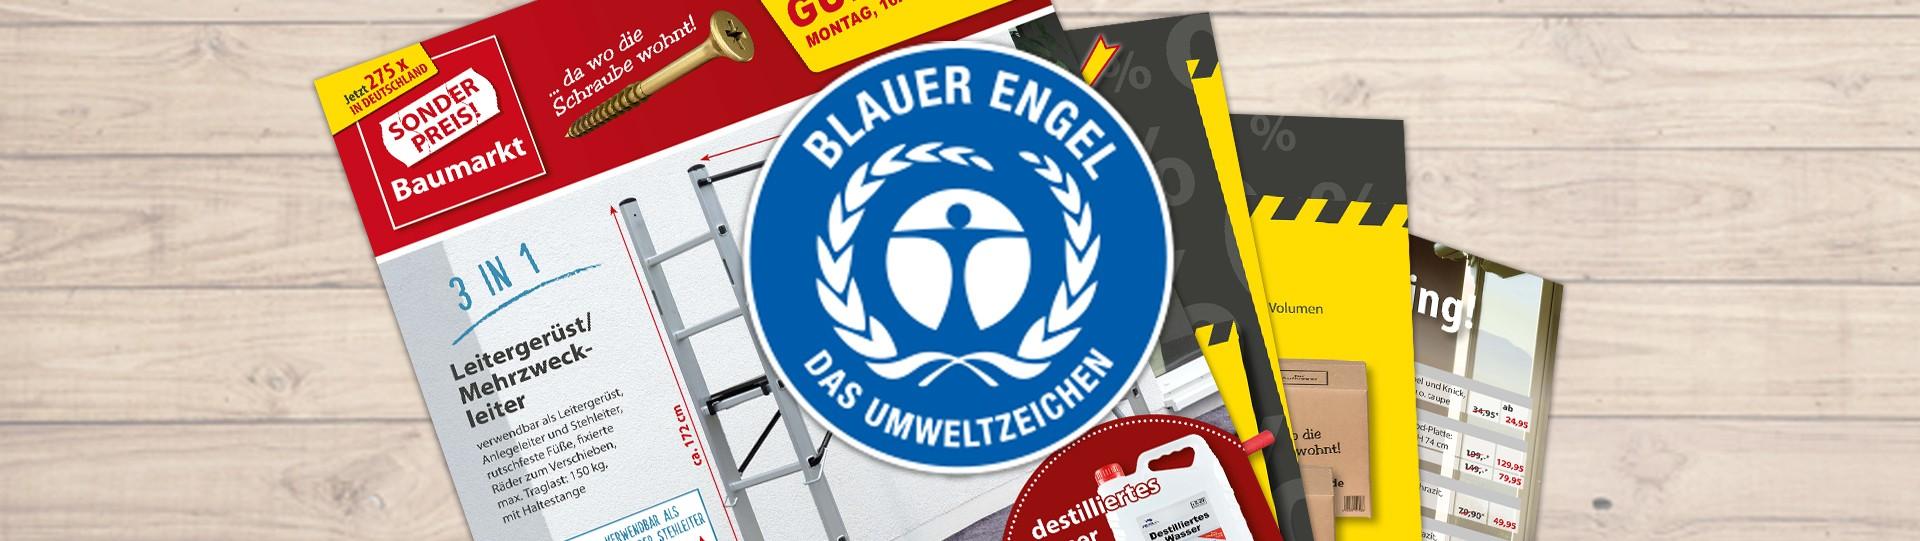 Blauer Engel: Das umweltfreundliche Blättle von Sonderpreis Baumarkt